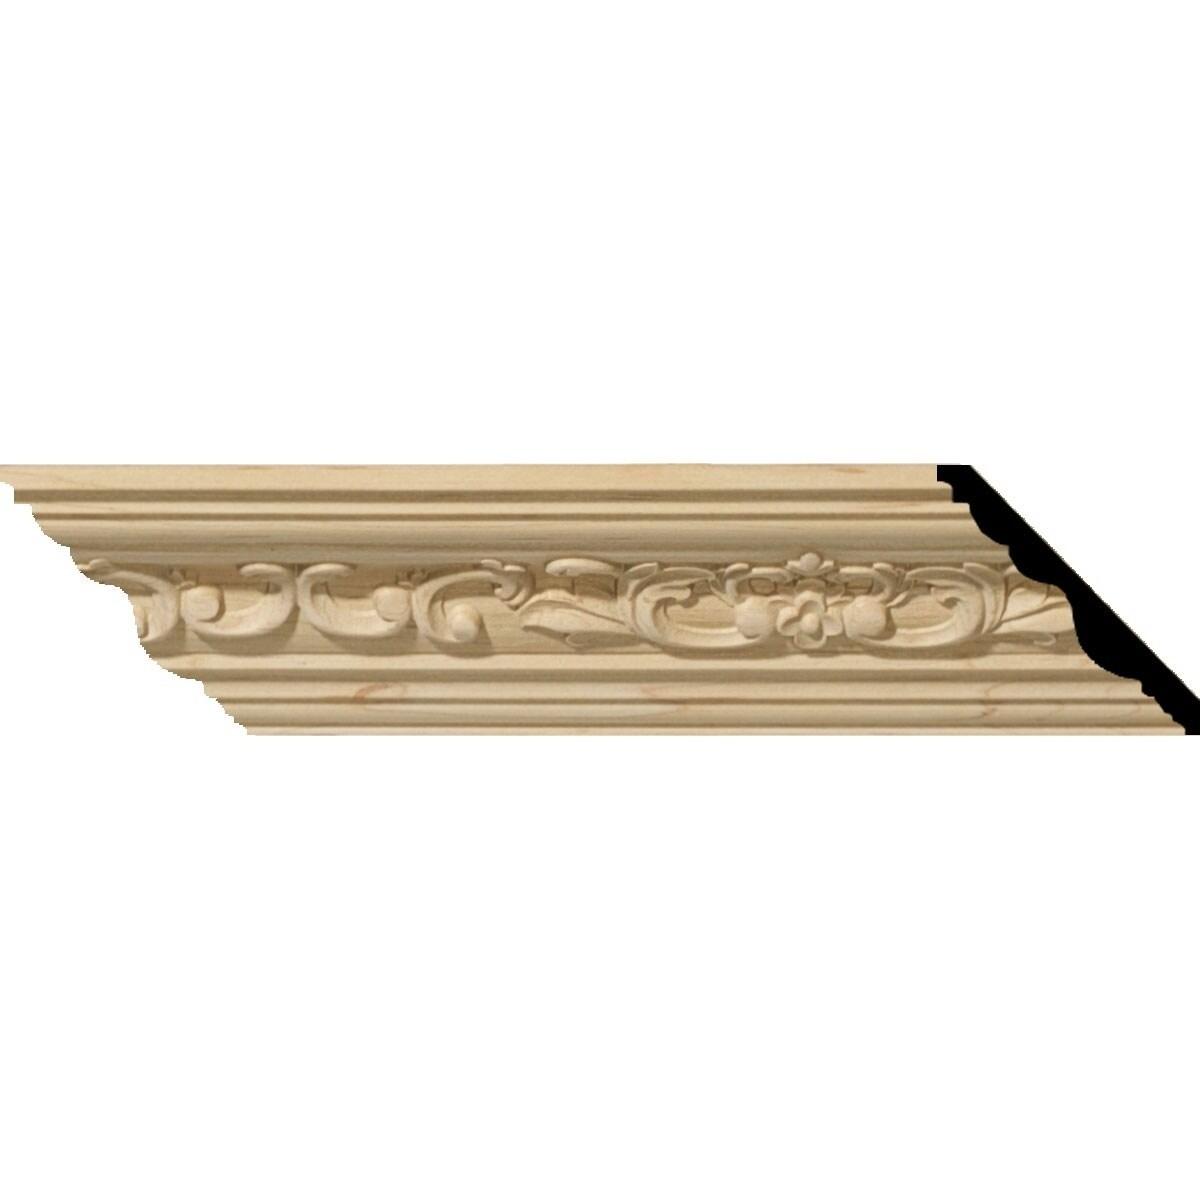 2 1/4H x 2 3/8P x 3 1/4F x 94 1/2L Medway Wood Crown Moulding (Alder - 2-Pack)